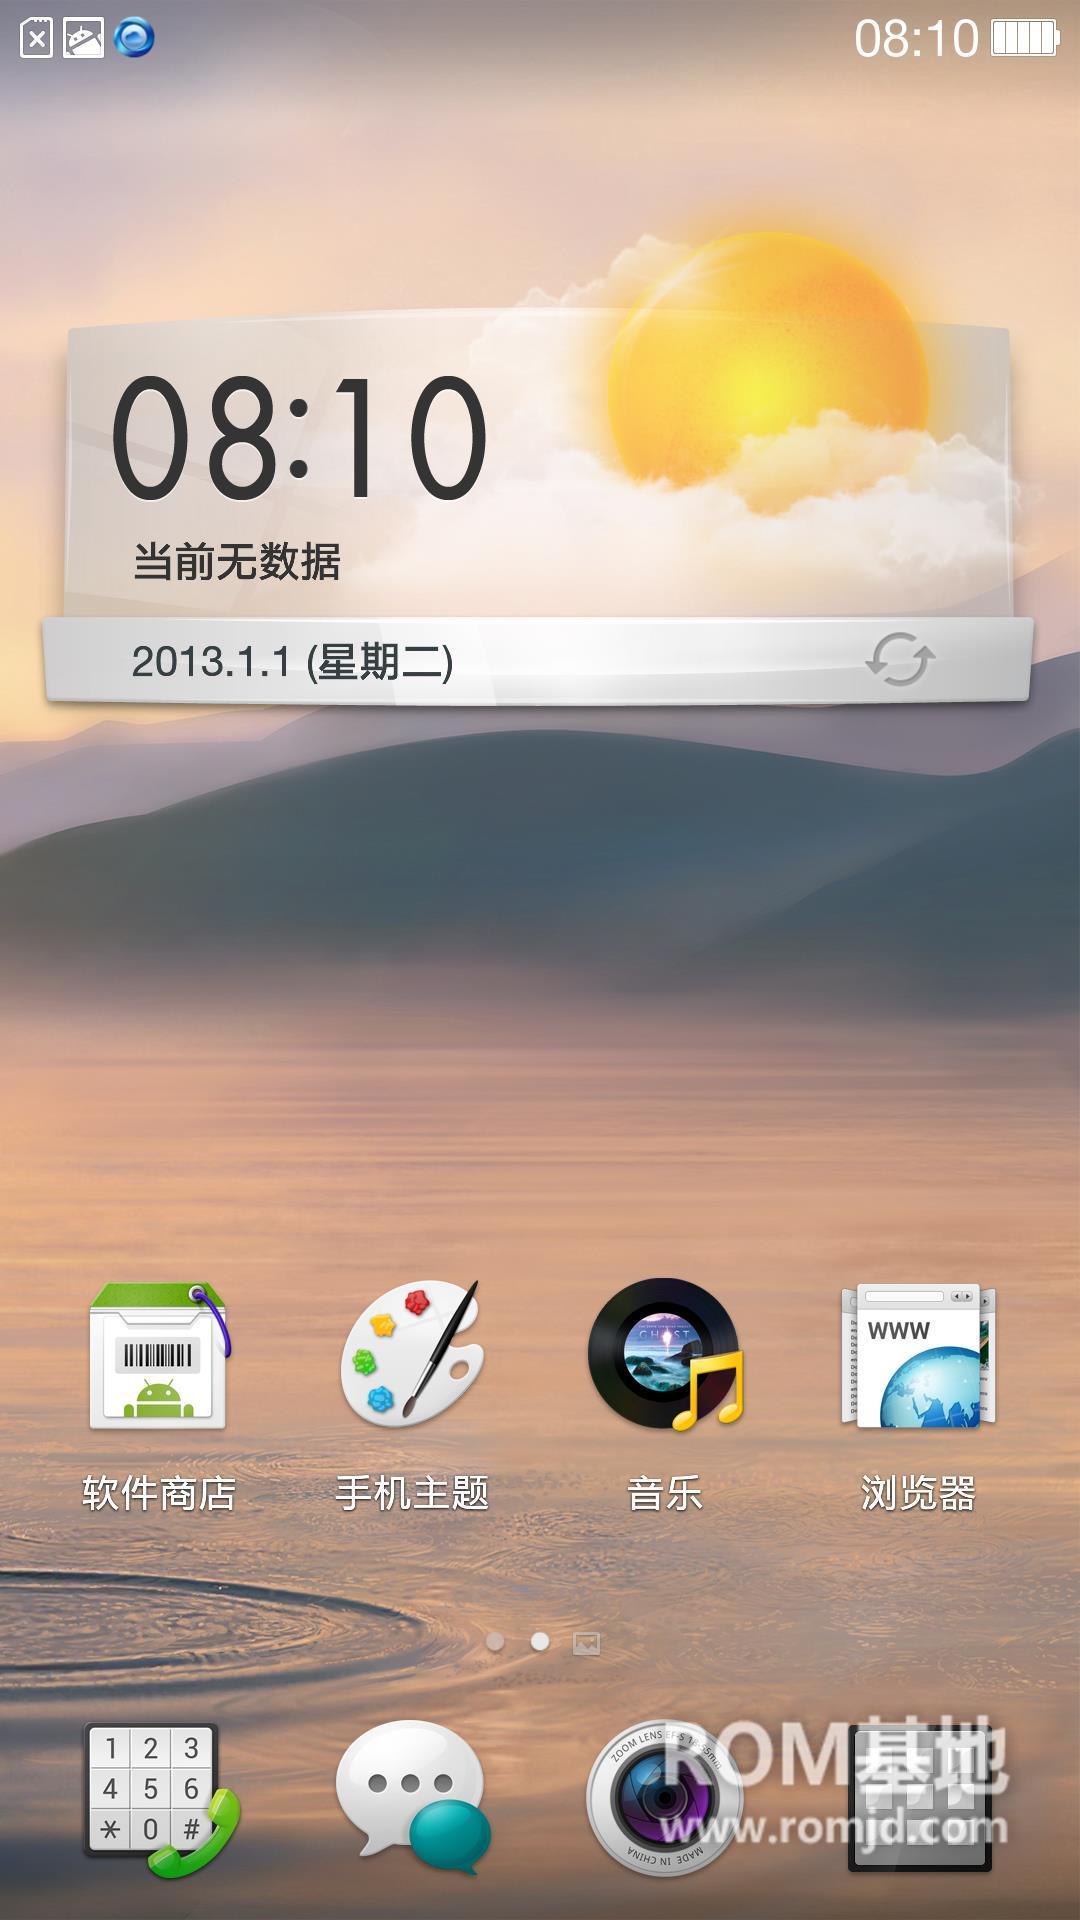 三星 i9300刷机ROM 适配版 ColorOS V1.0  20140310版ROM刷机包截图